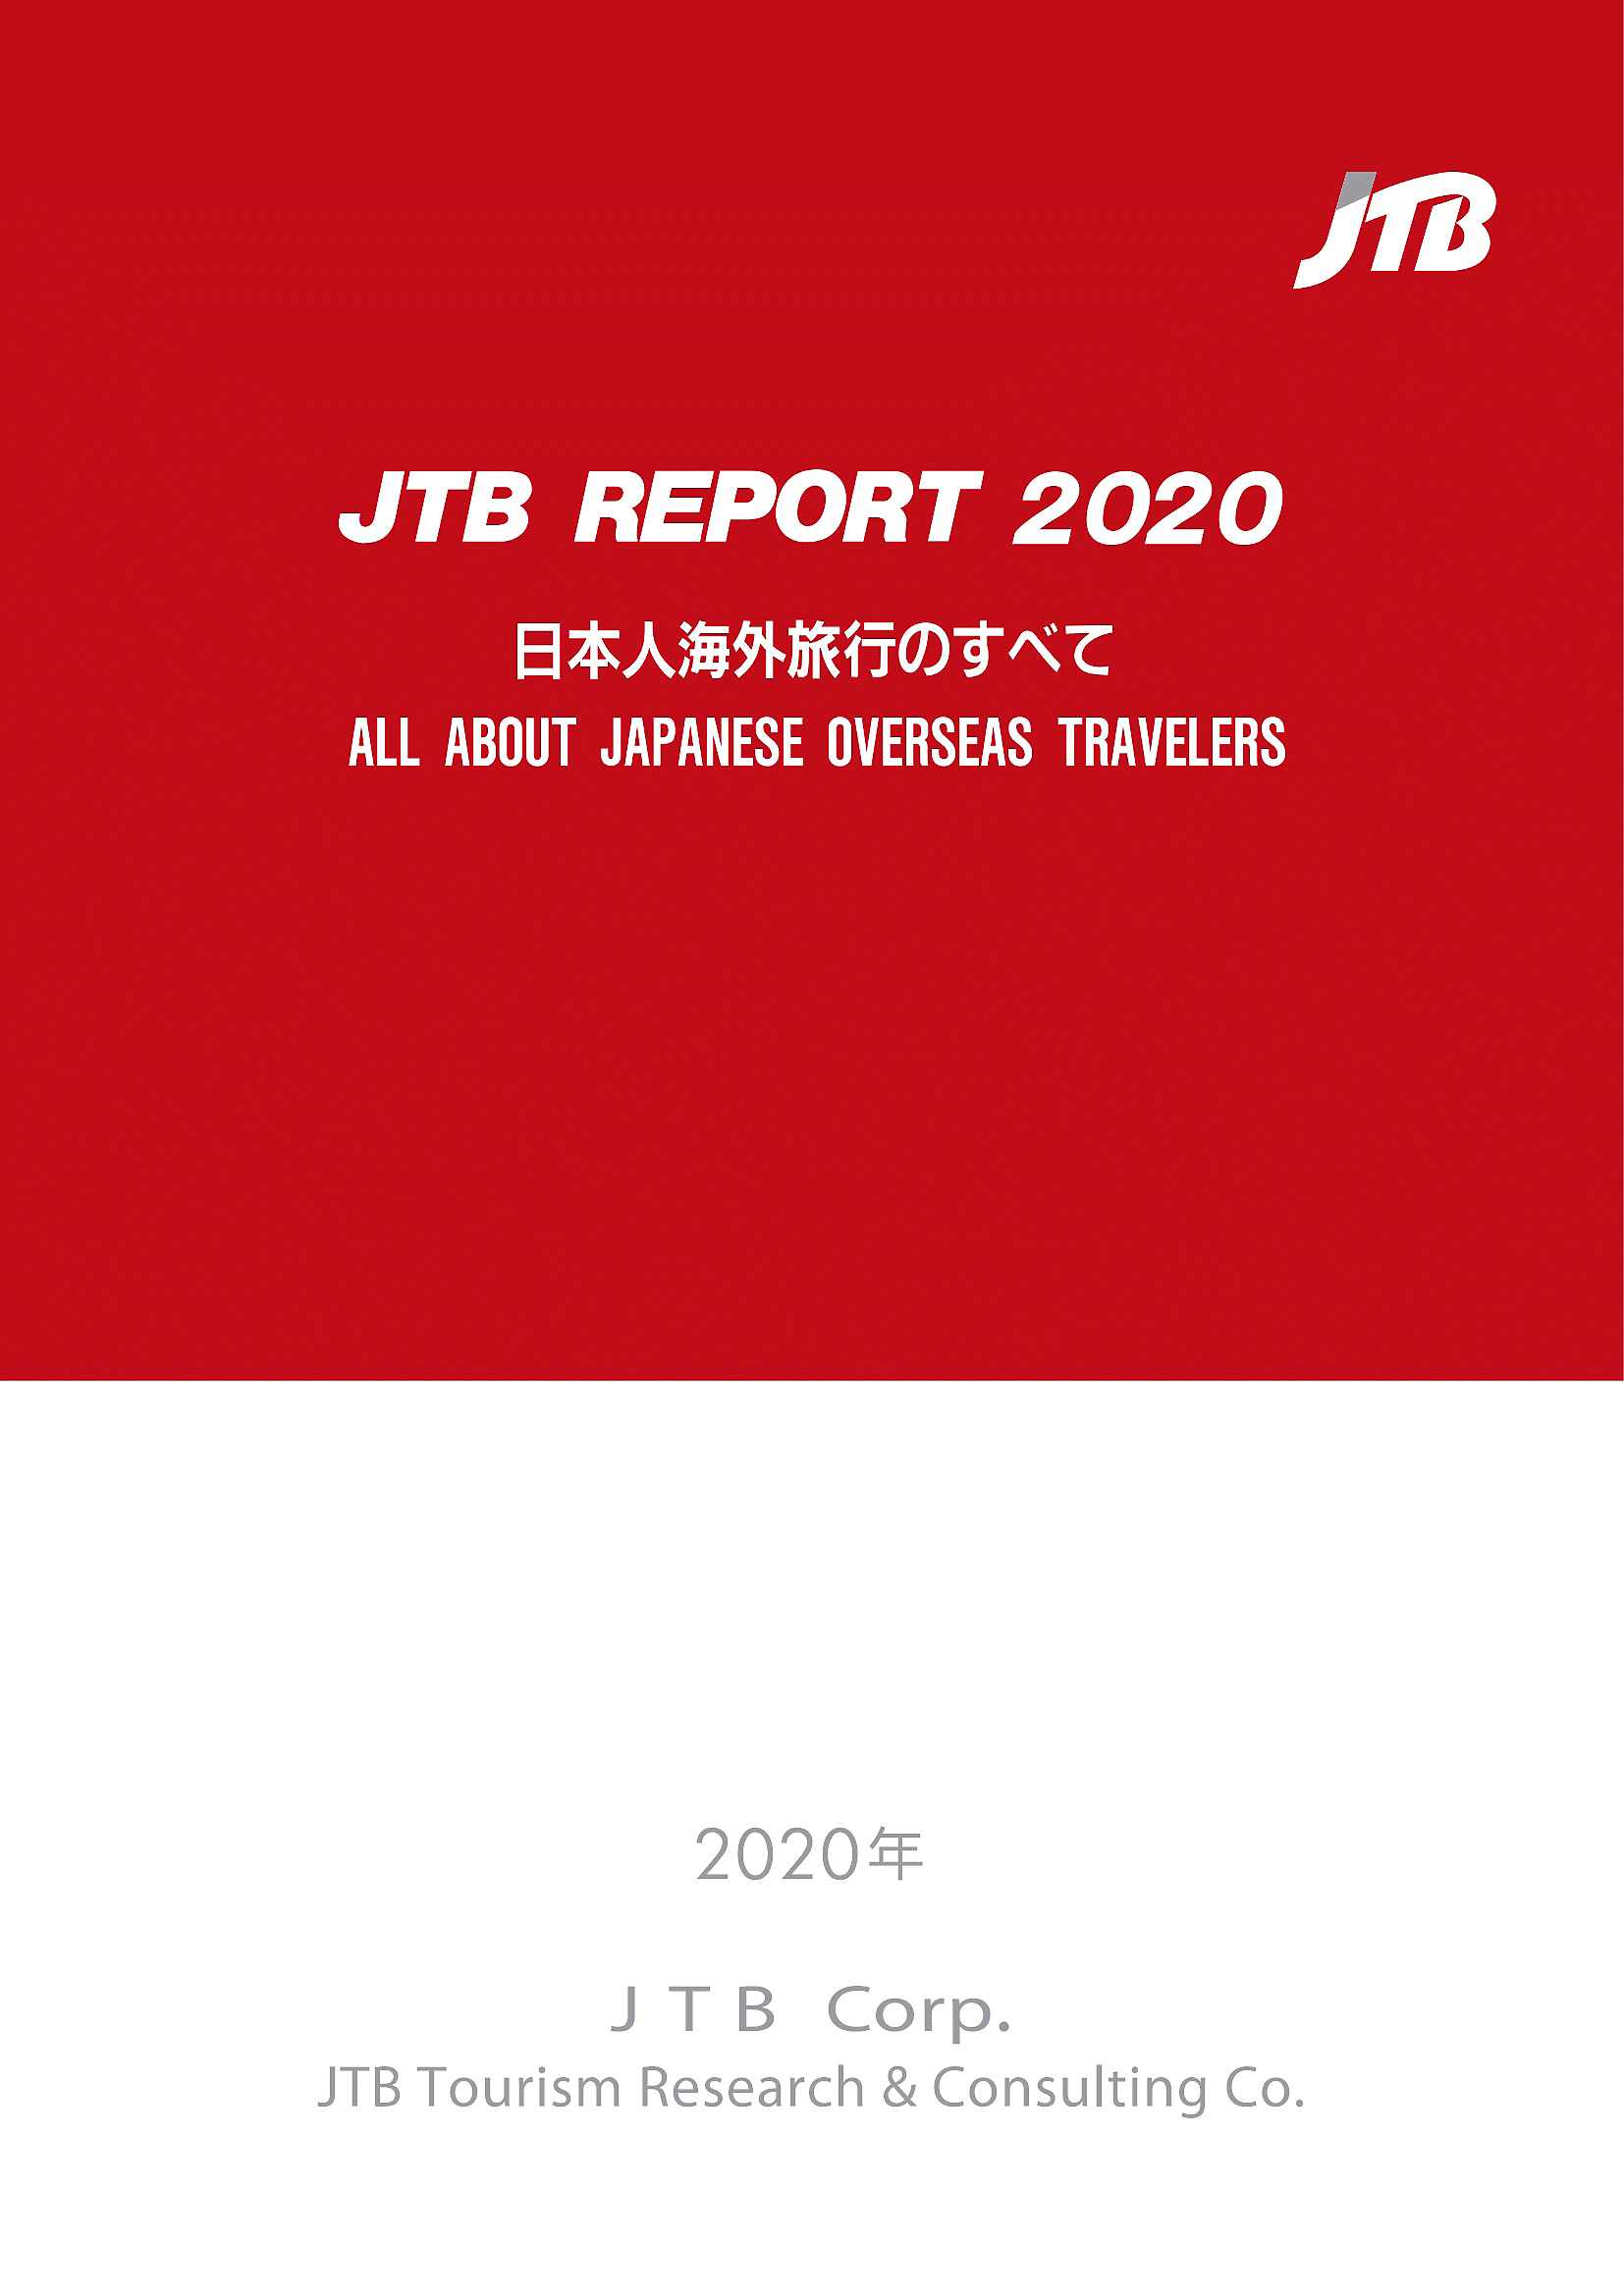 JTBレポート2020「日本人海外旅行のすべて」